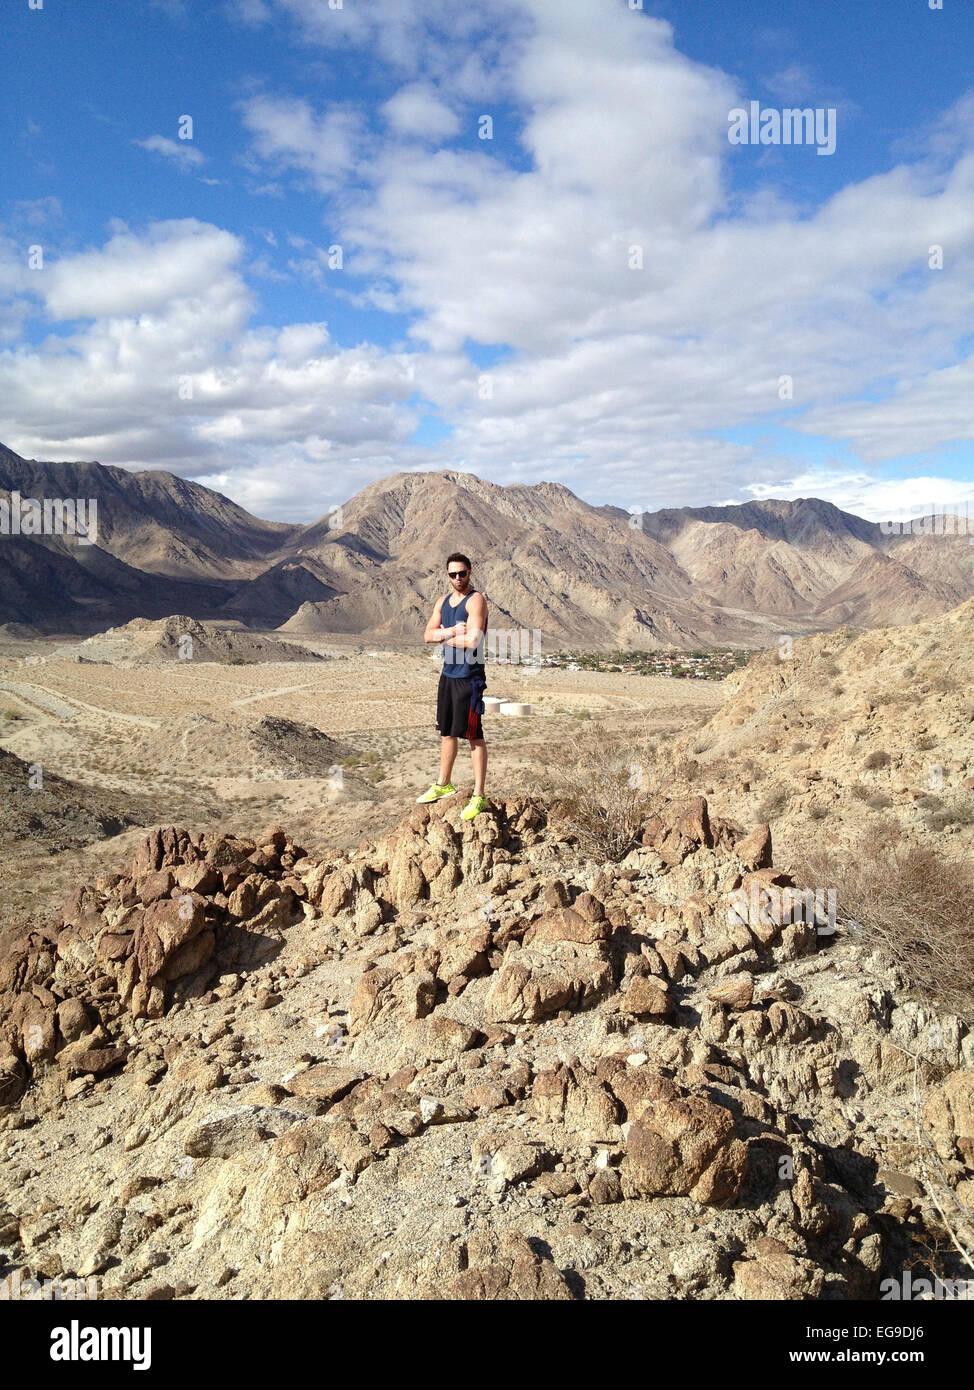 Mann auf Berggipfel mit Blick auf Tal Stockbild